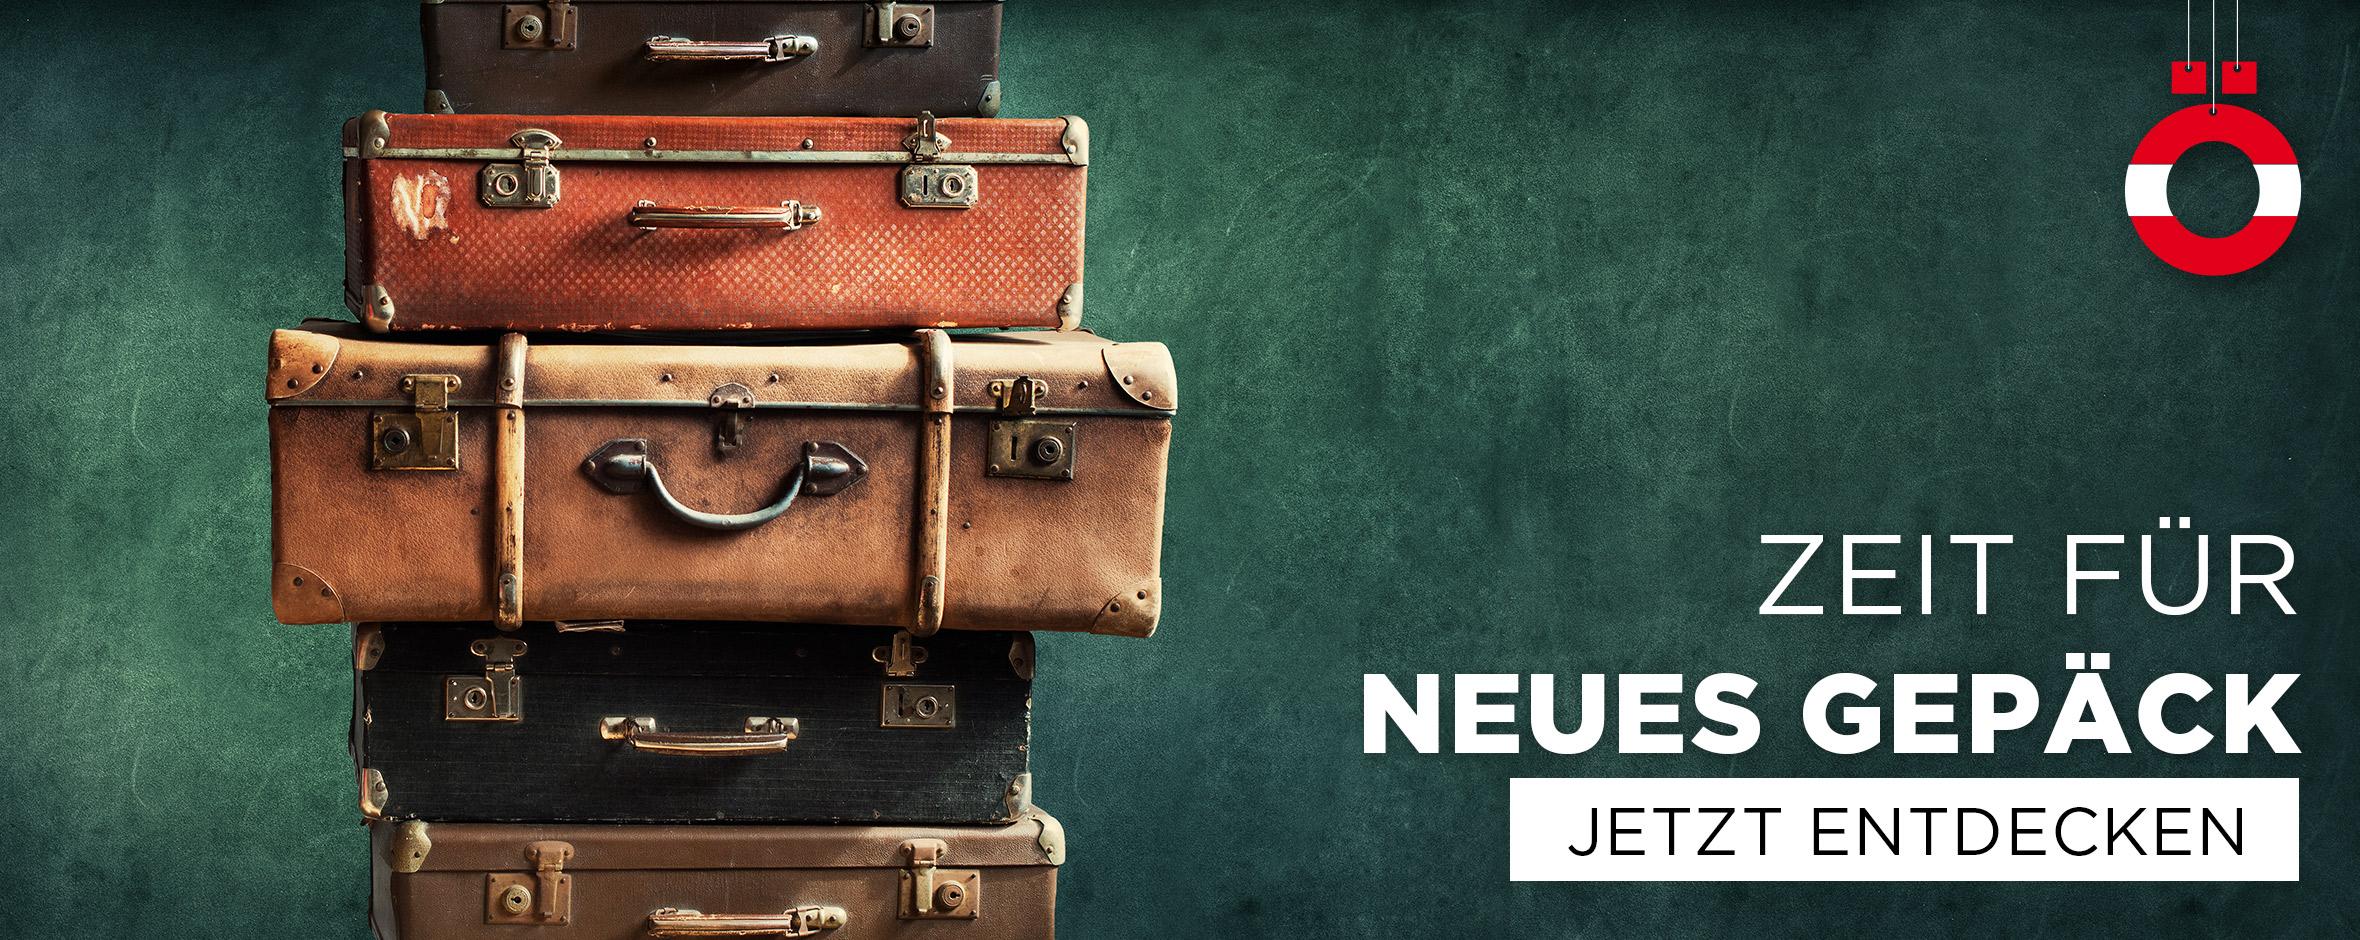 Zeit für neues Gepäck